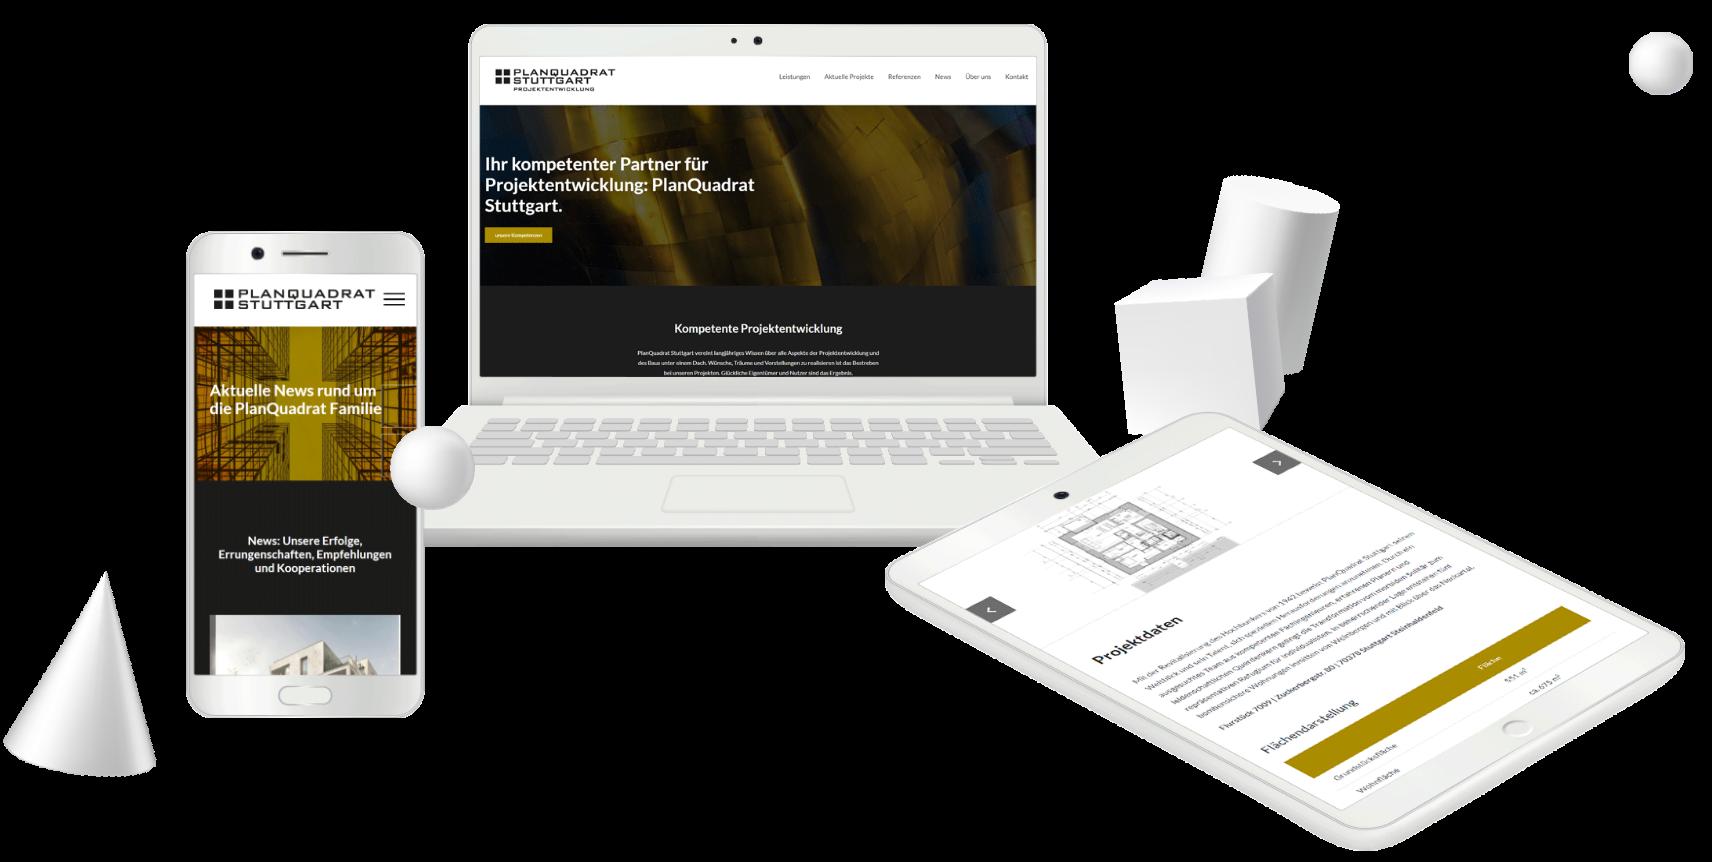 Projektreferenz Website für PlanQuadrat von MARCIS B2B-Onlineagentur